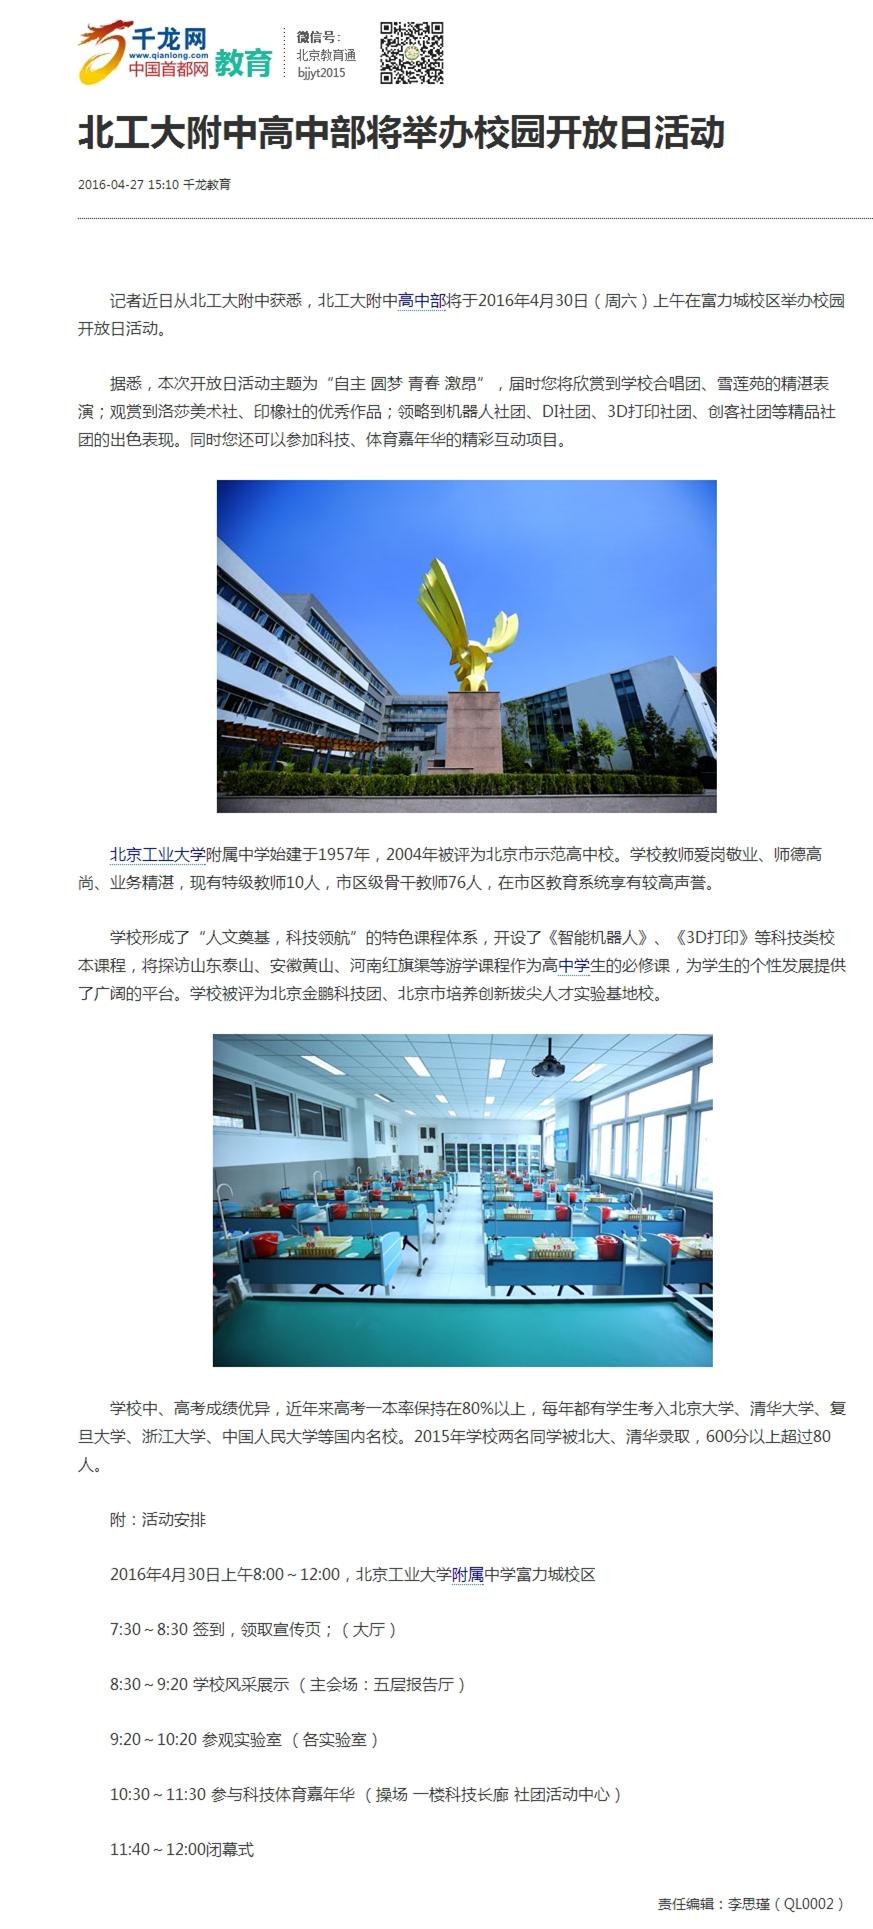 北九州娱乐账号登录高中部将举办校园开放日活动-千龙网·中国首都网.jpg